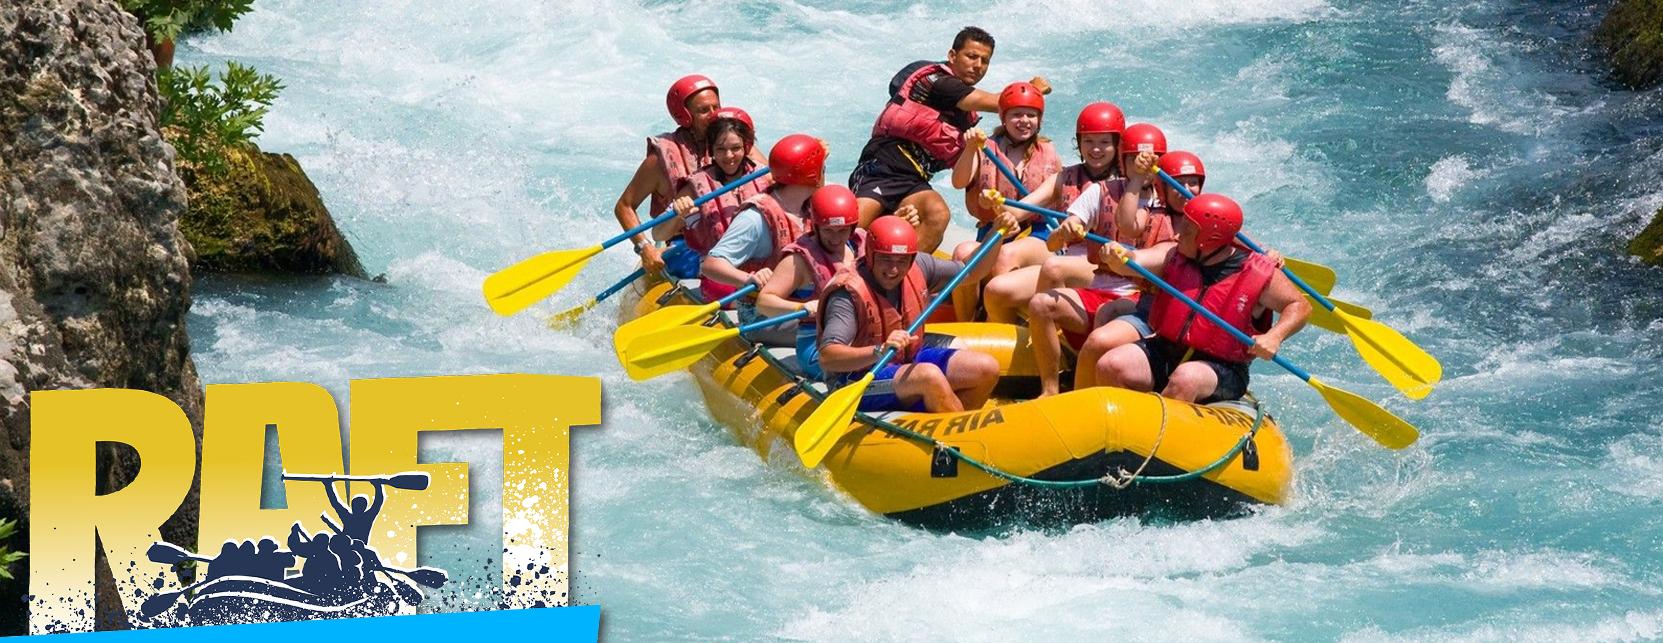 Paket Rafting Pangalengan Bandung Terbaru 2020 Pulo Adventure